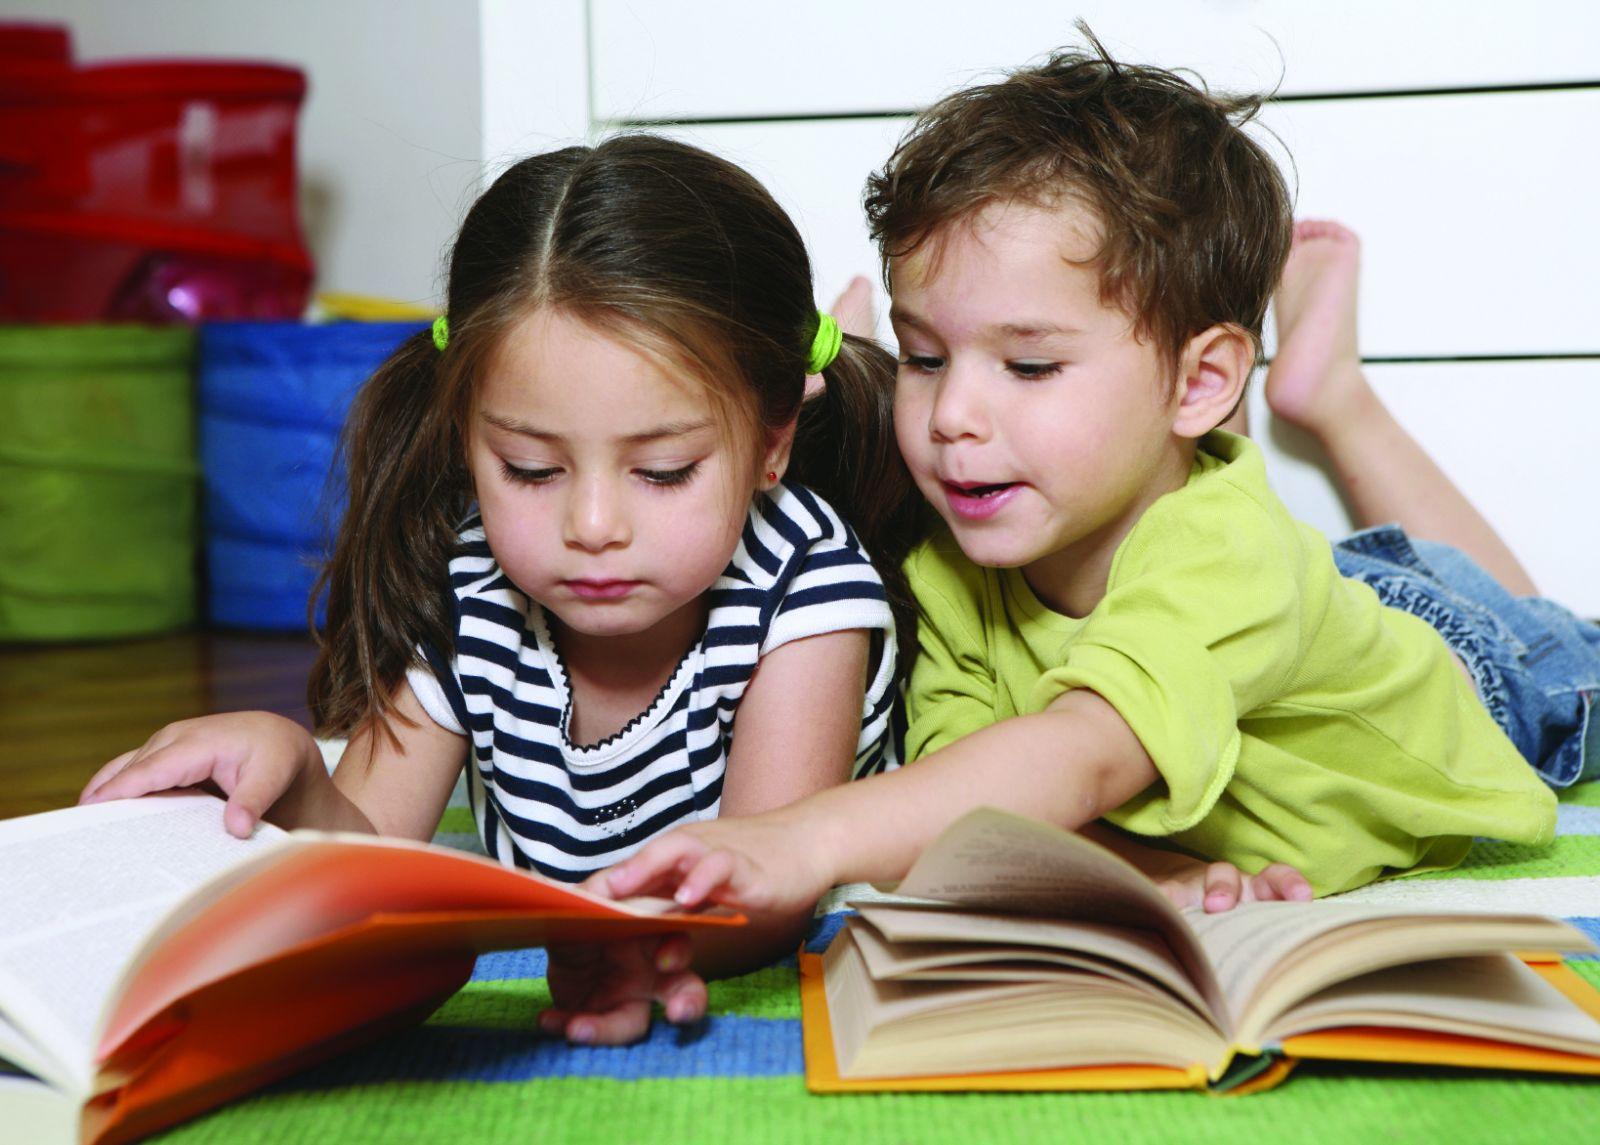 Az ismeretterjesztő könyvek pozitívan hozzájárulnak a gyermekek fejlődéséhez.